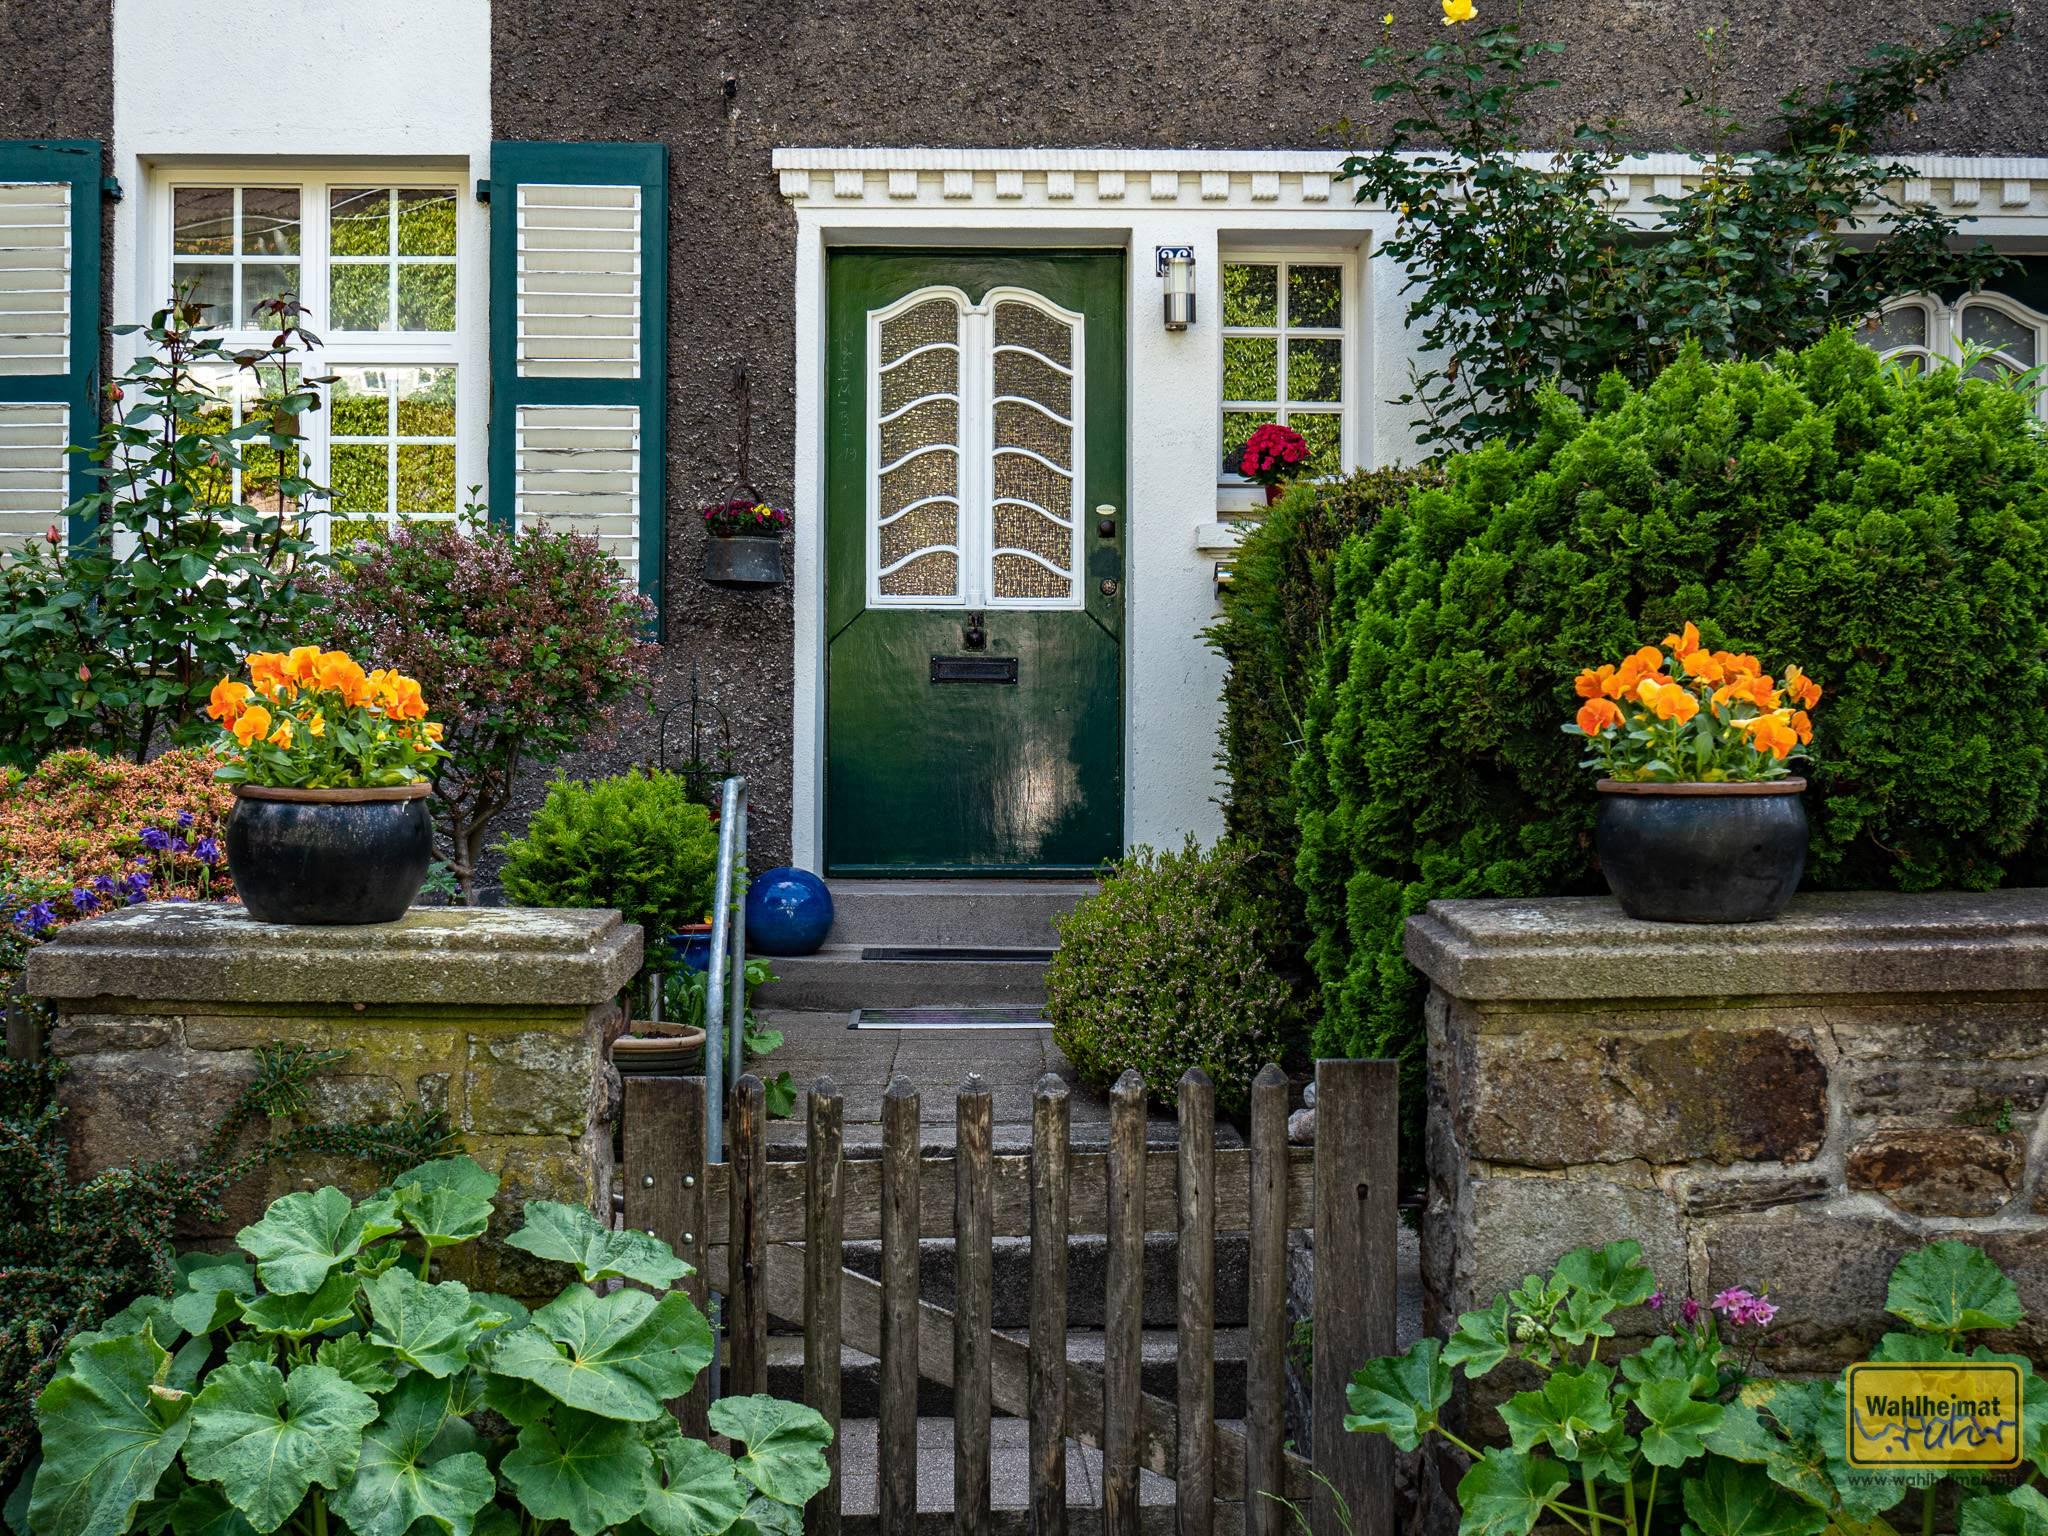 Auf der Margarethenhöhe finden sich viele schöne Einfamilienhäuser nach Entwürfen von Georg Metzendorf.